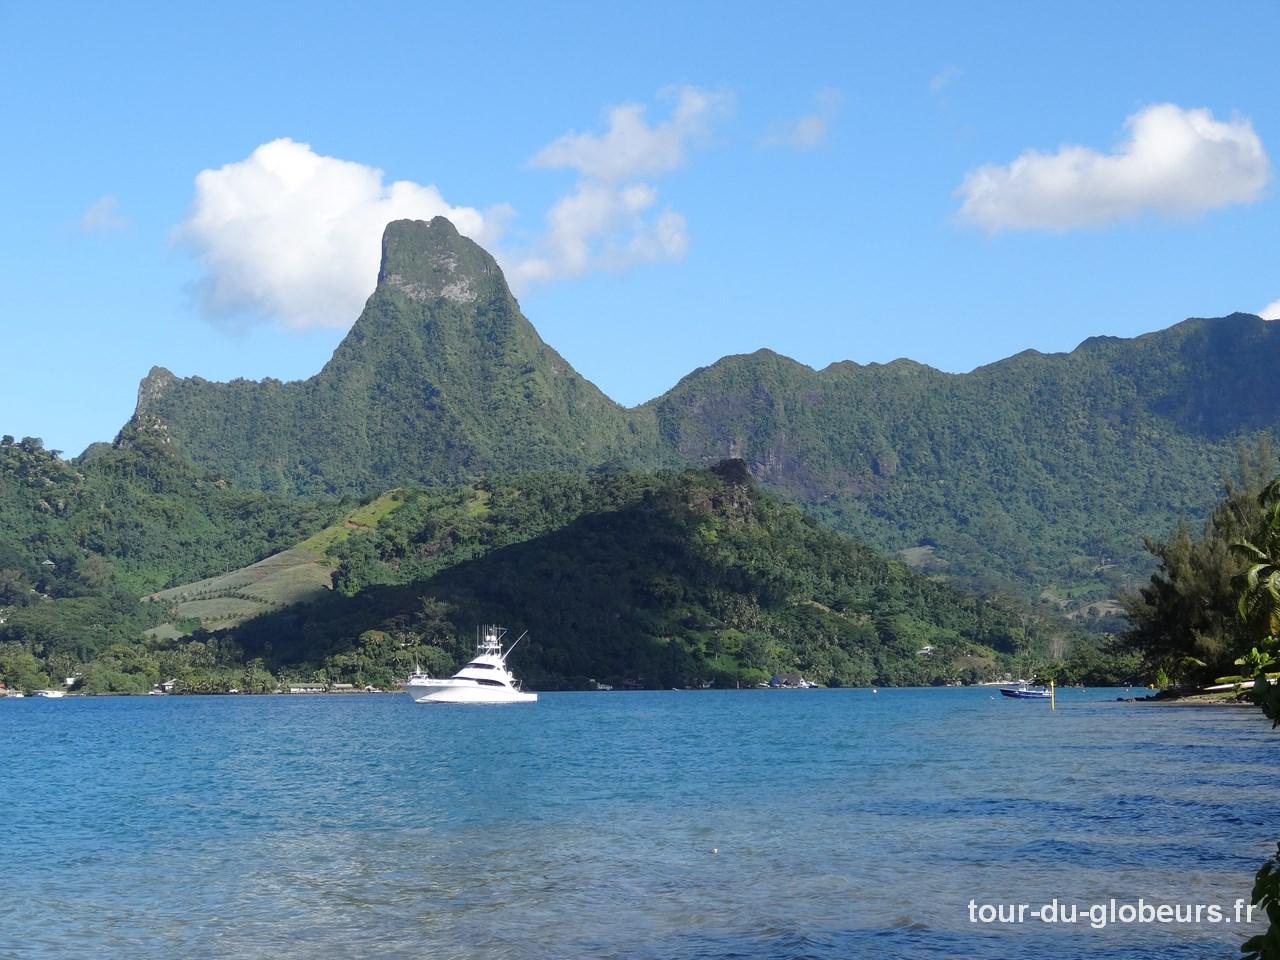 polynesie-moorea-2013-03-14-DSC08012-reduit